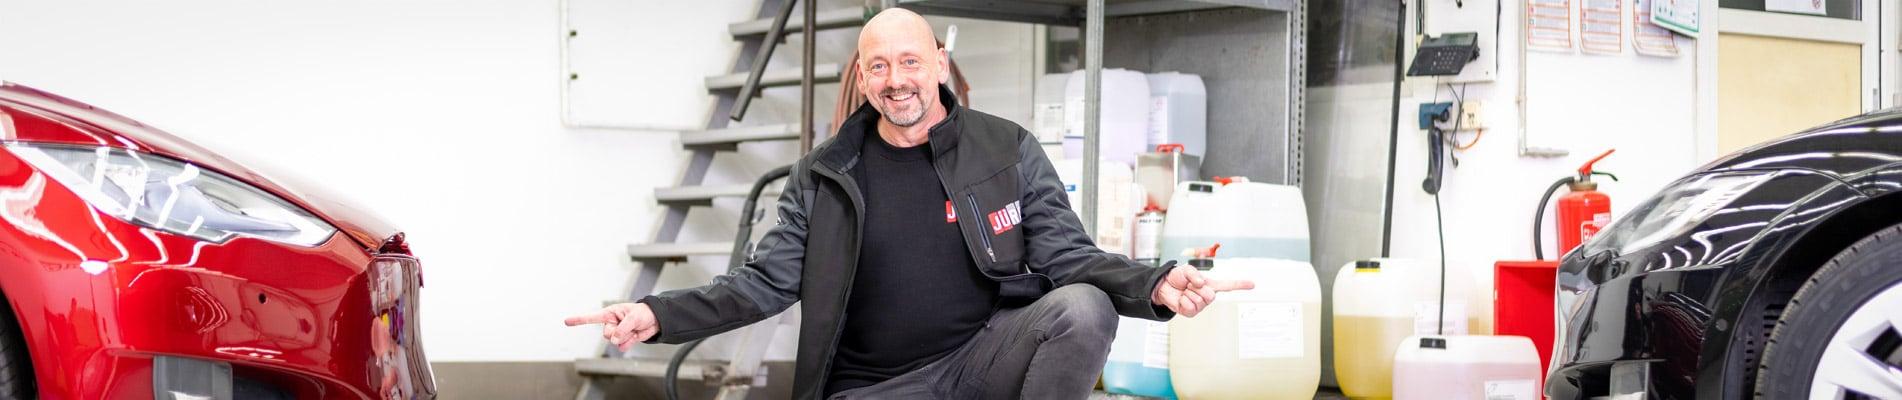 Jürs GmbH – Der Collisionsspezialist Kundenbewertungen